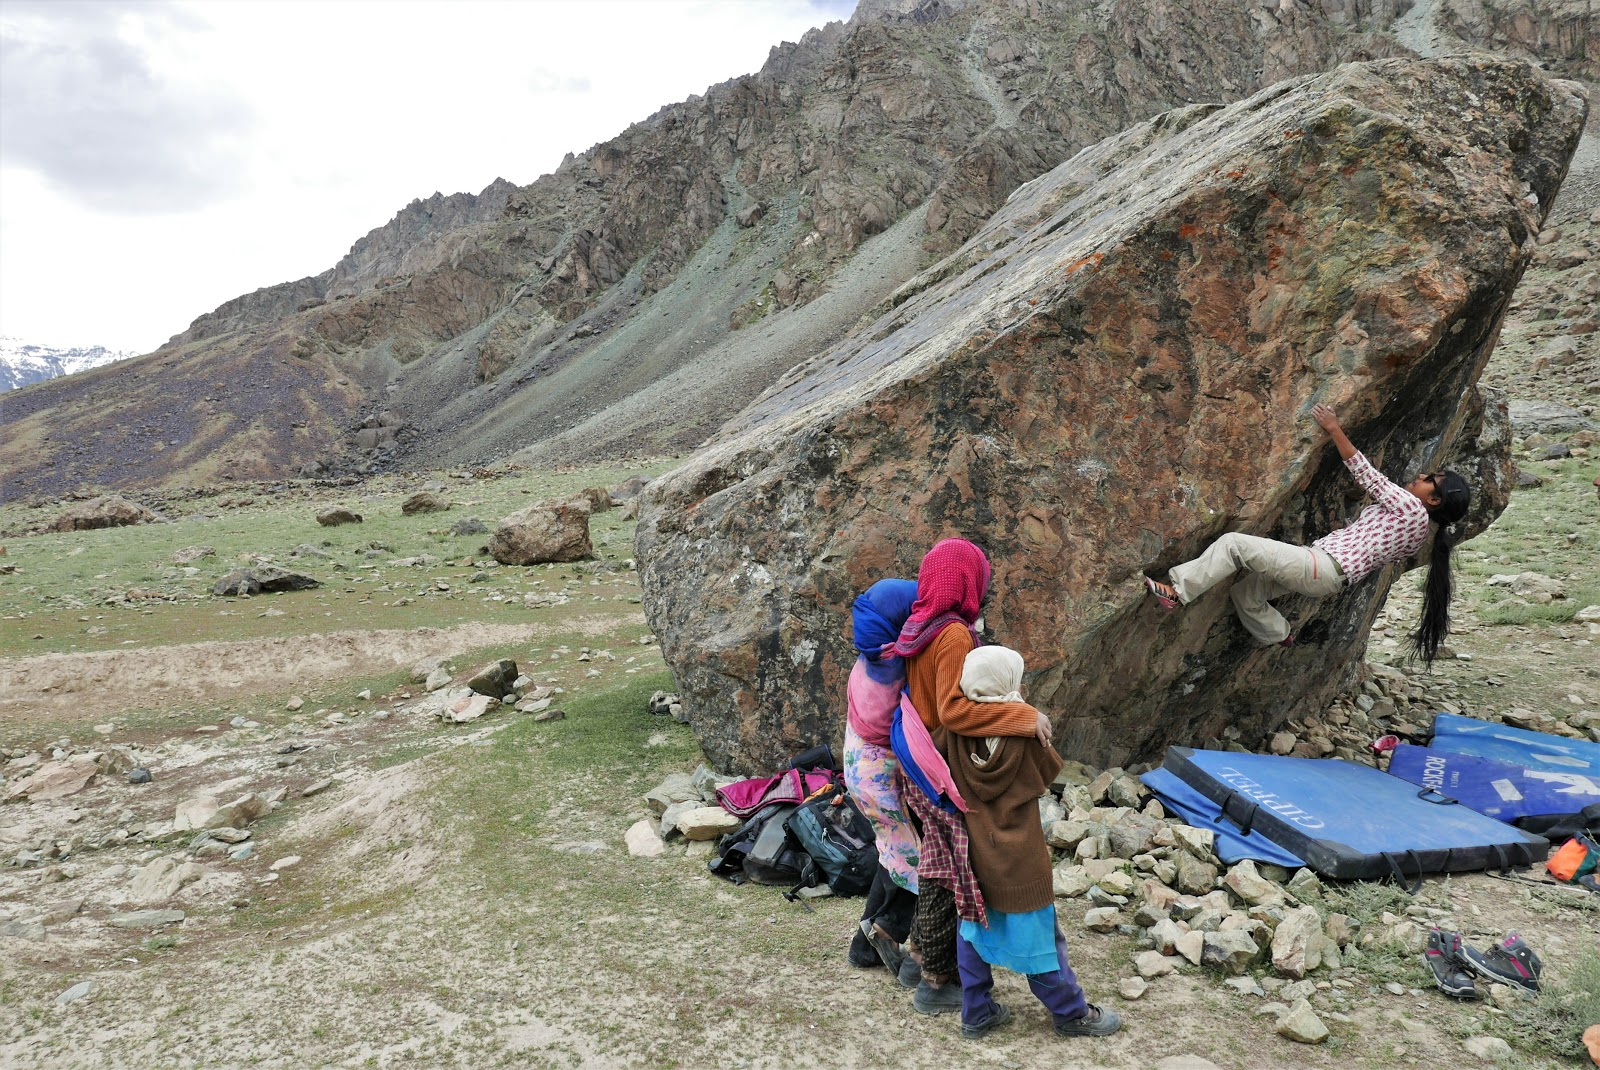 Josh's friend, Tania, bouldering in Kashmir